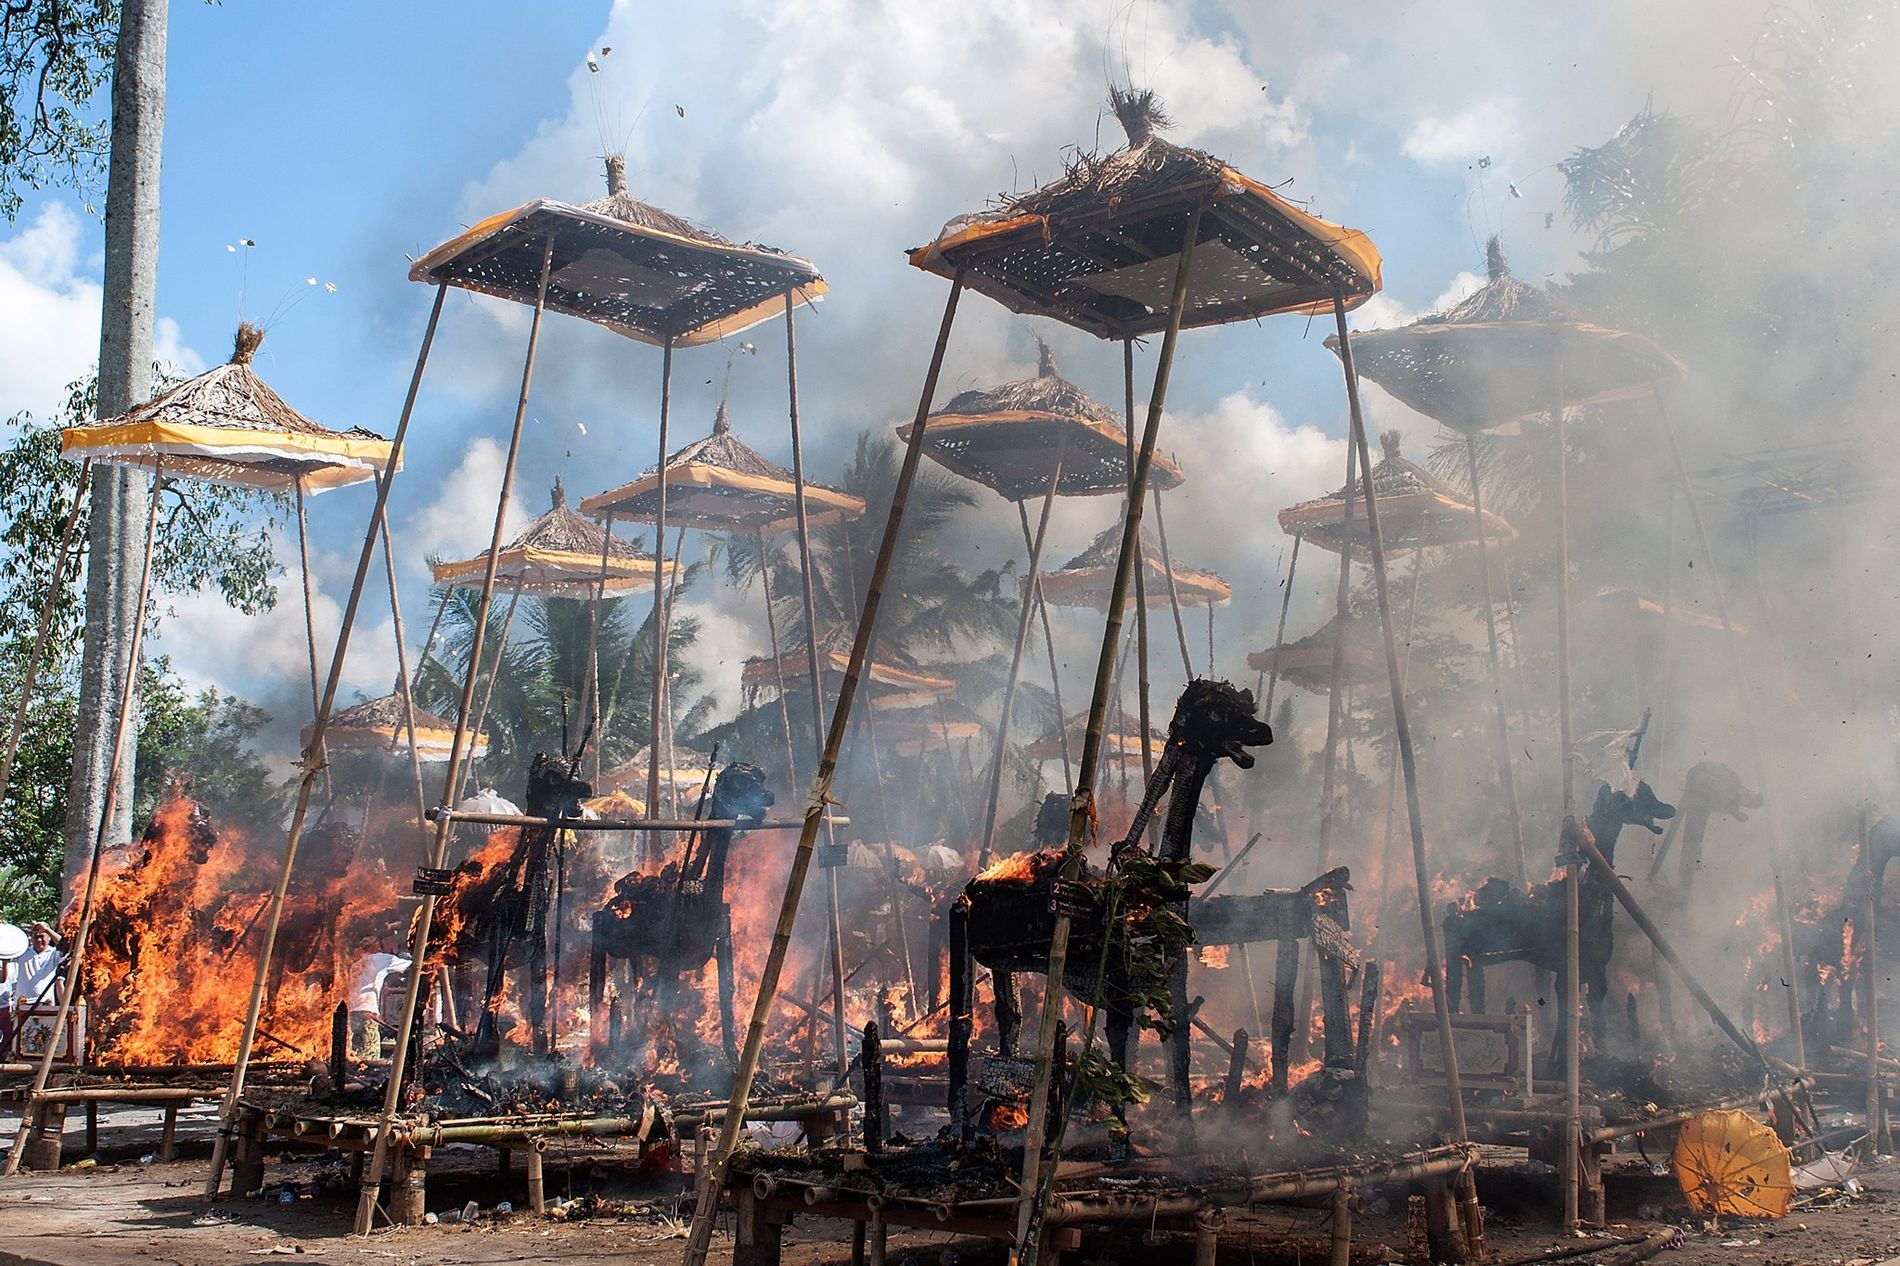 Varios sarcófagos arden durante una incineración hindú tradicional el 18 de agosto de 2013 en Bali, Indonesia.